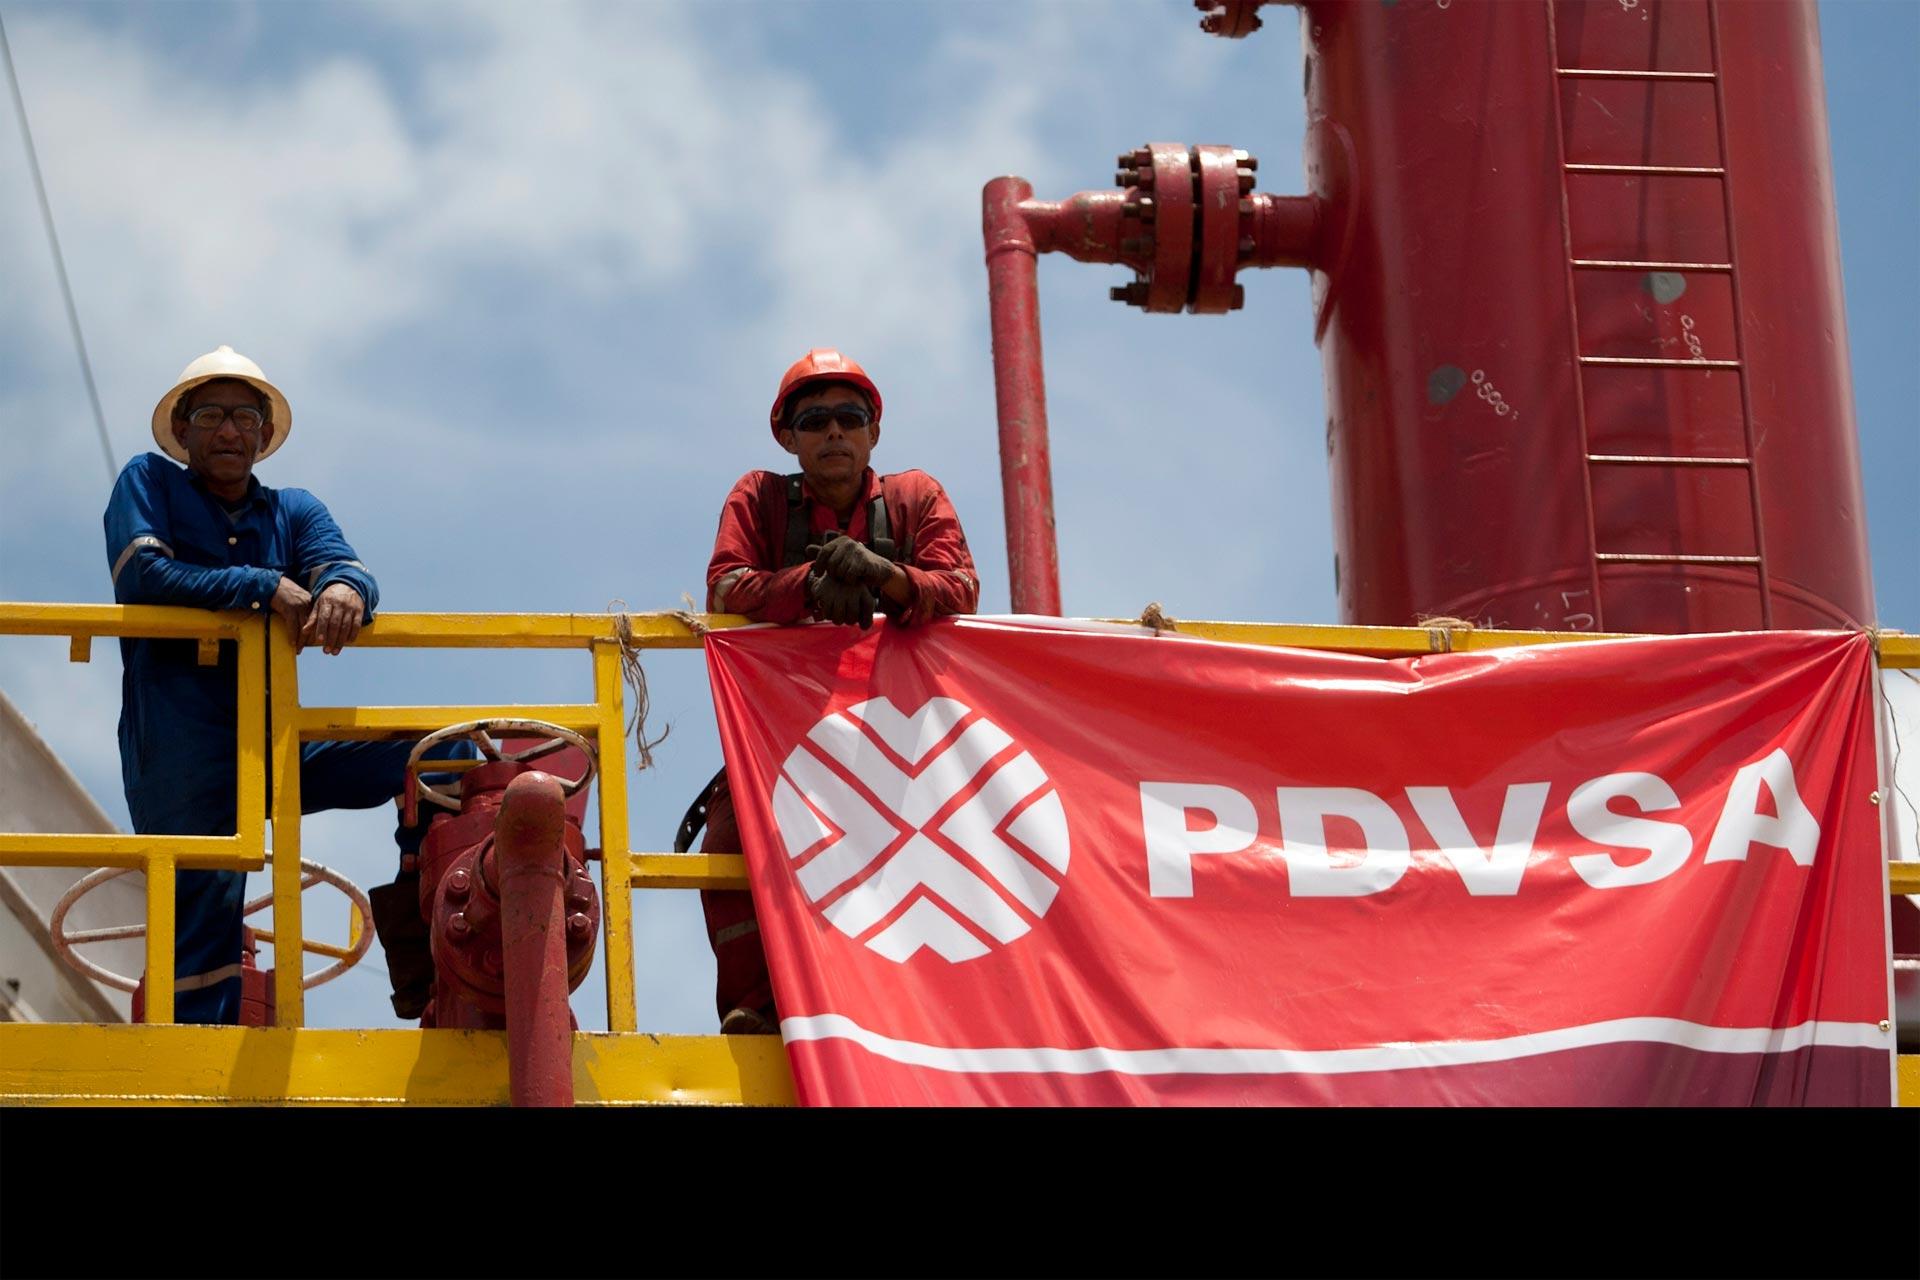 La alianza formada entre Pdvsa e YPFB, tras siete años, dieron por concluidas sus labores en La Paz